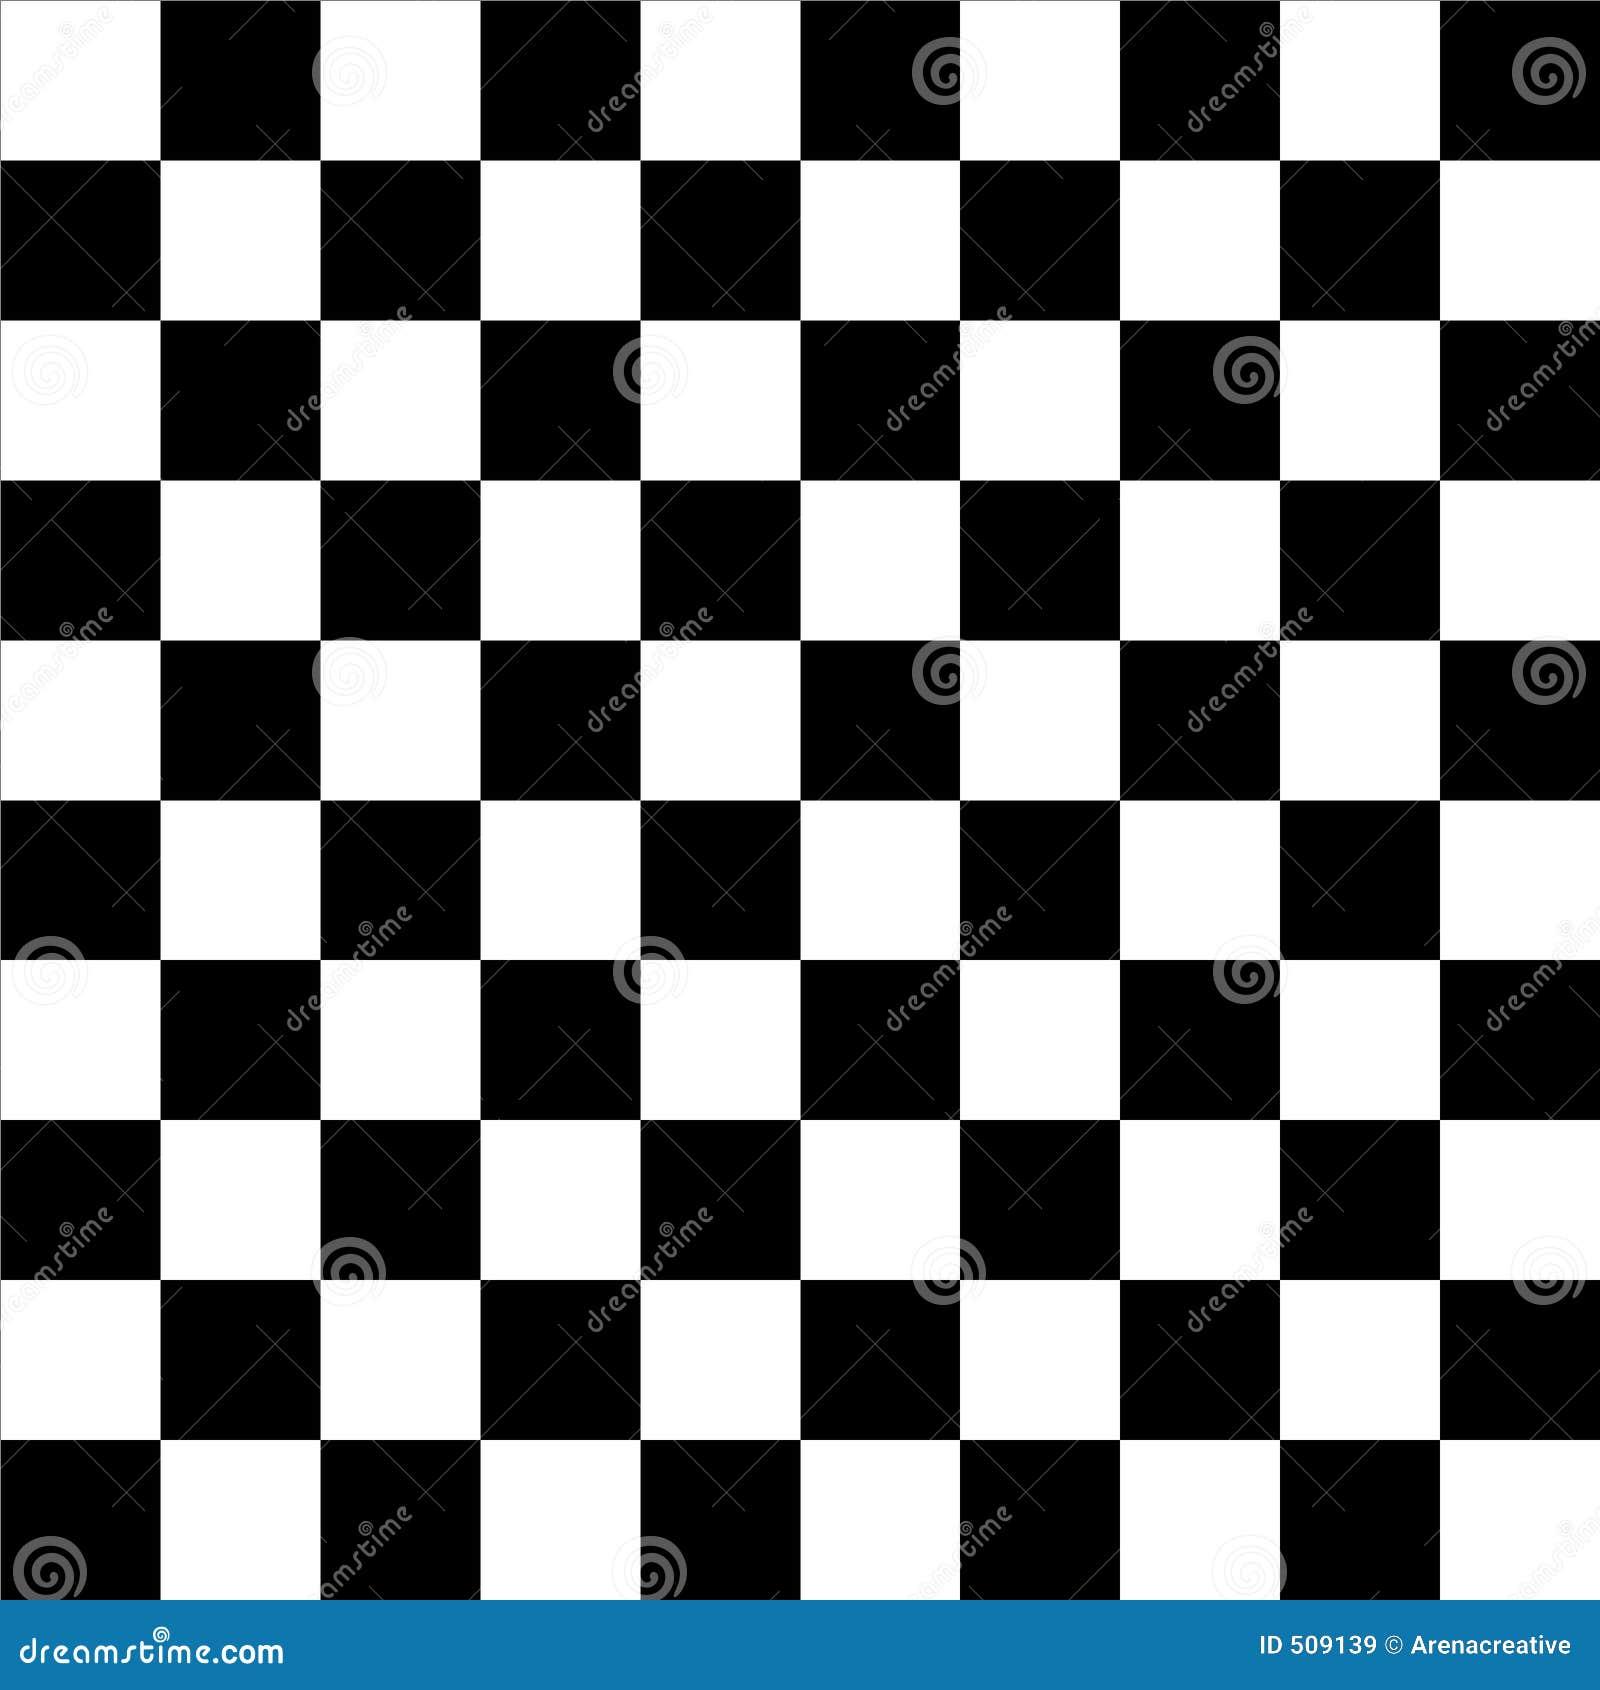 How To Plan Floor Tile Layout Fundo Da Xadrez Do Tabuleiro De Damas Imagens De Stock